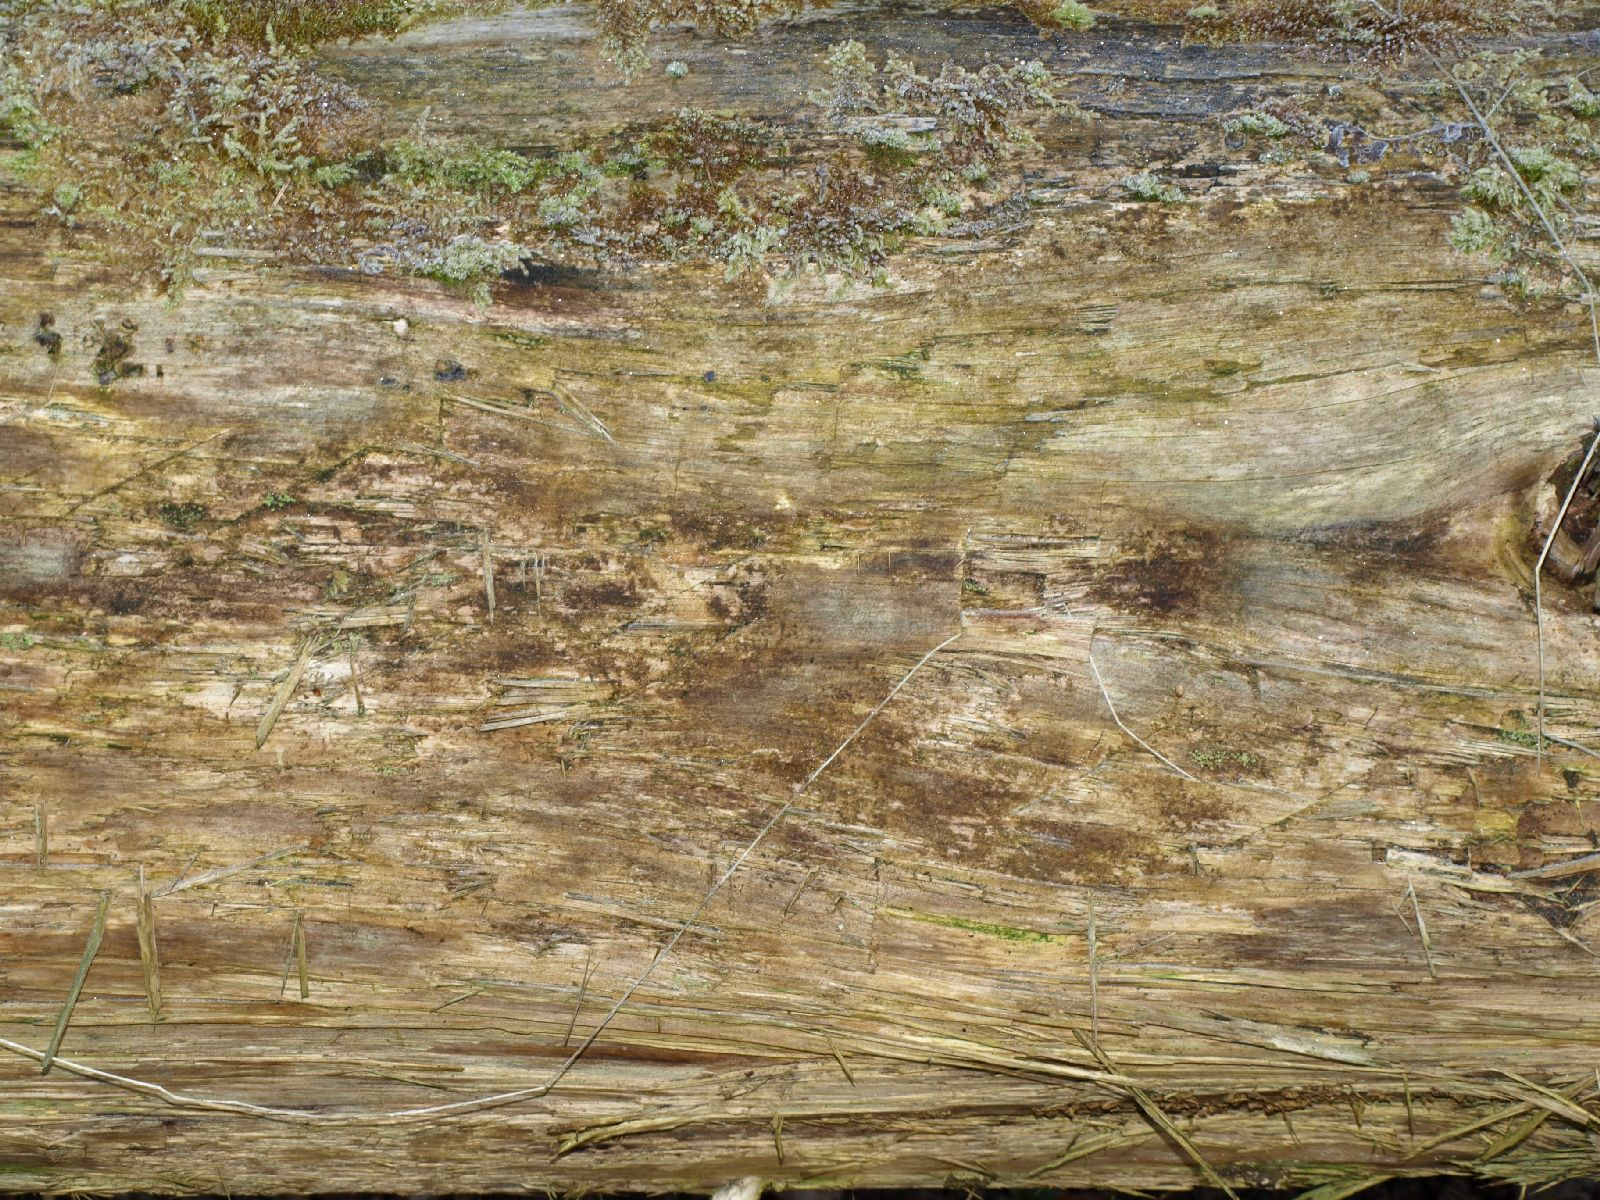 Holz_Textur_A_P4080192